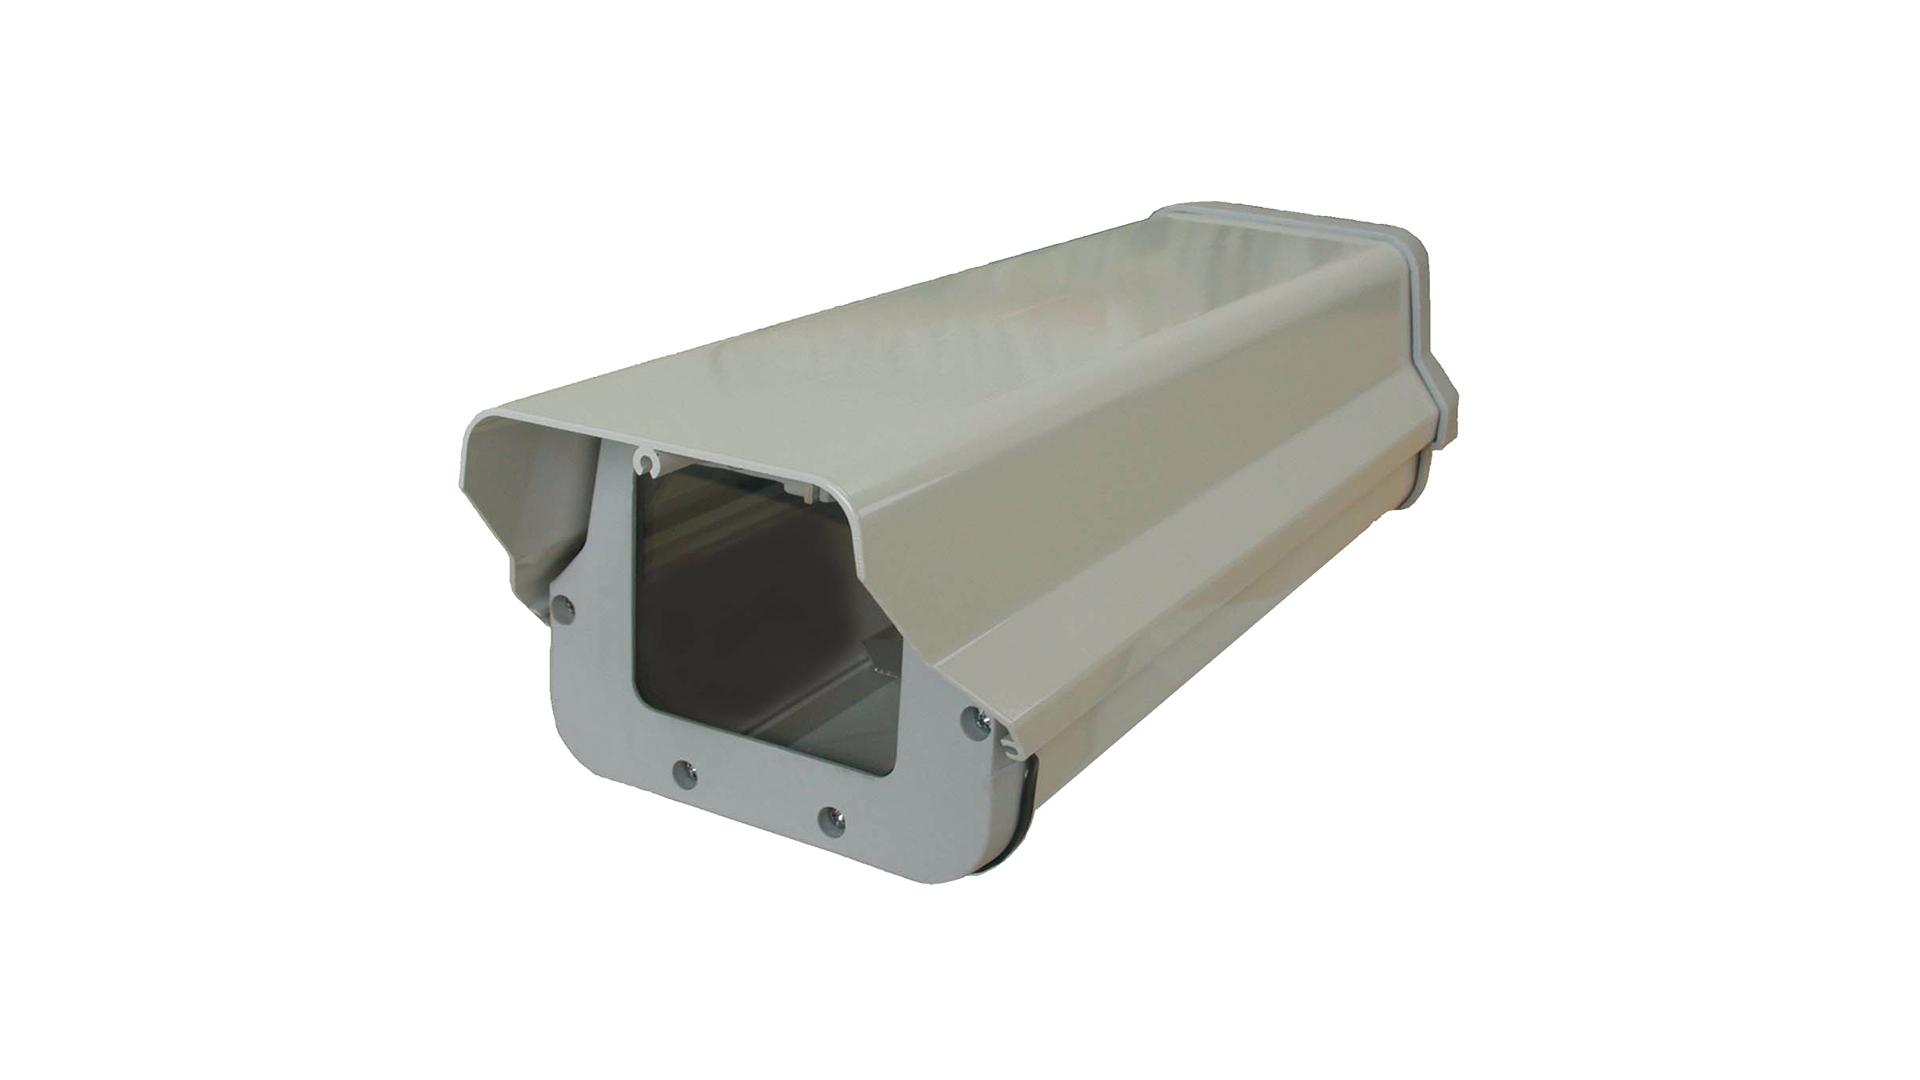 ボックス型カメラ屋外設置用ハウジング